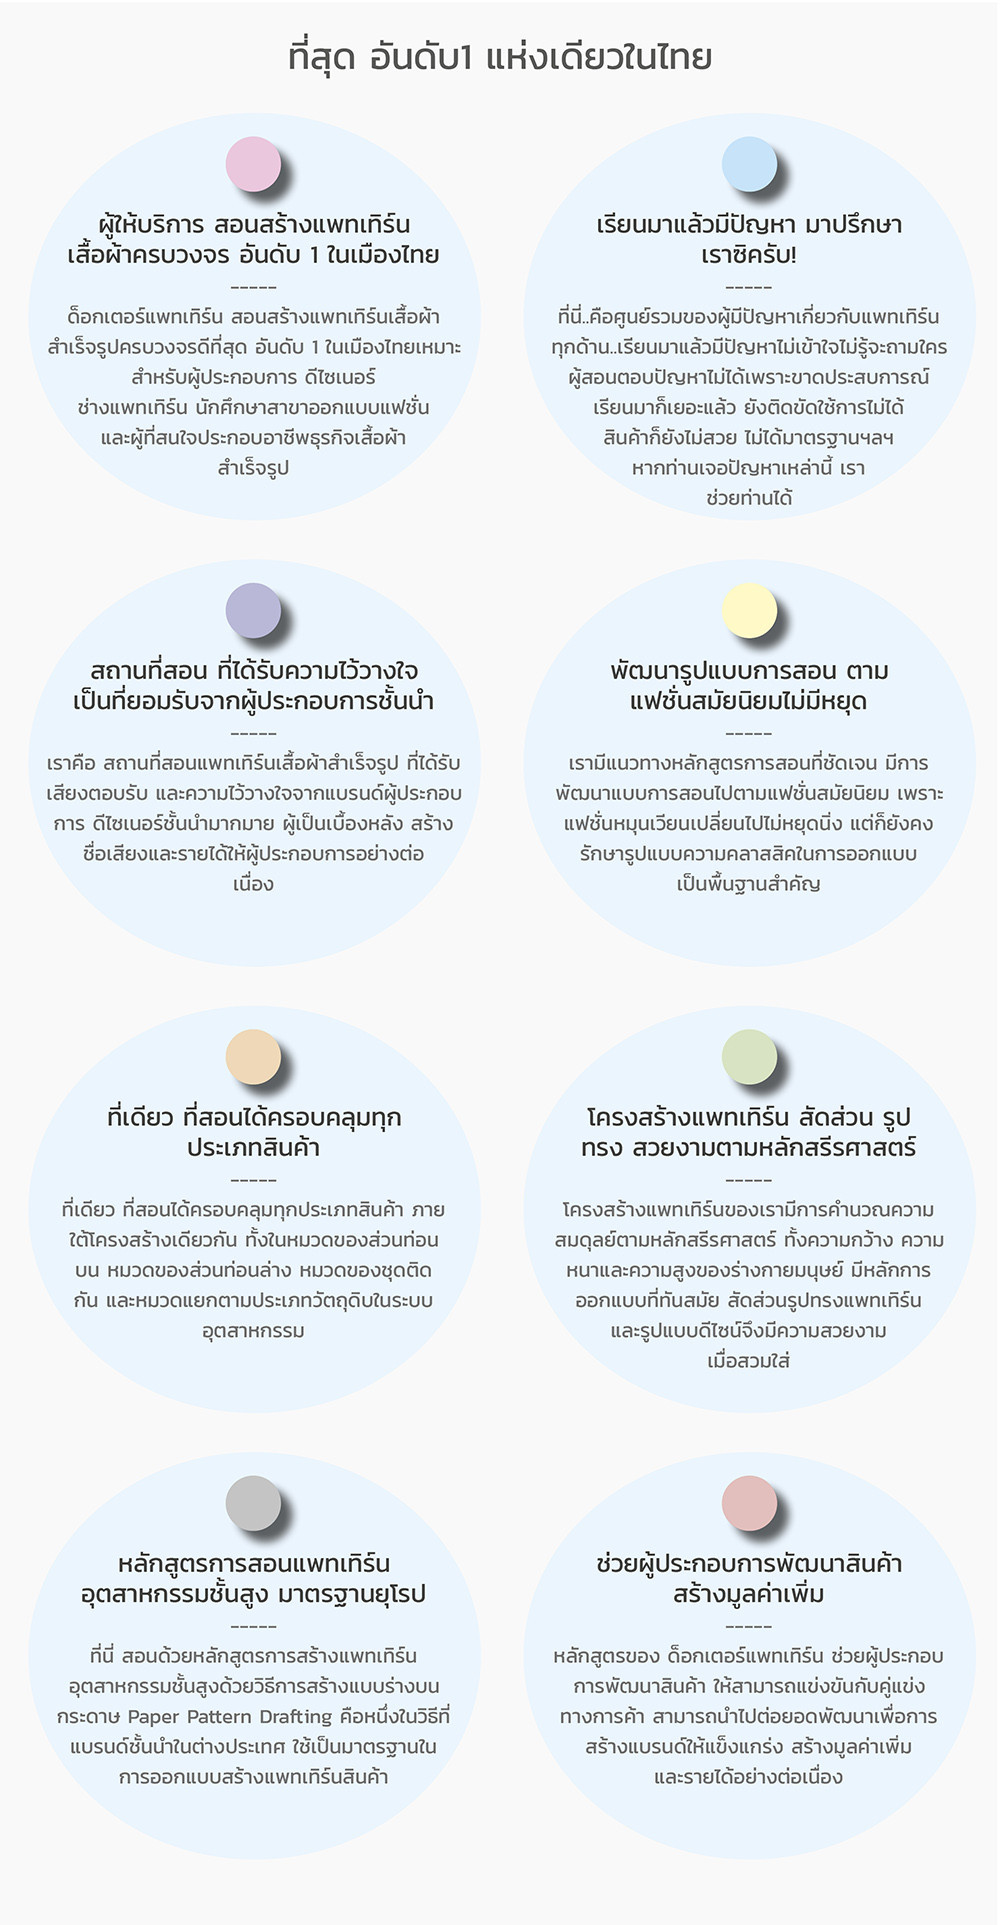 ที่สุด อันดับ1 ในเมืองไทย